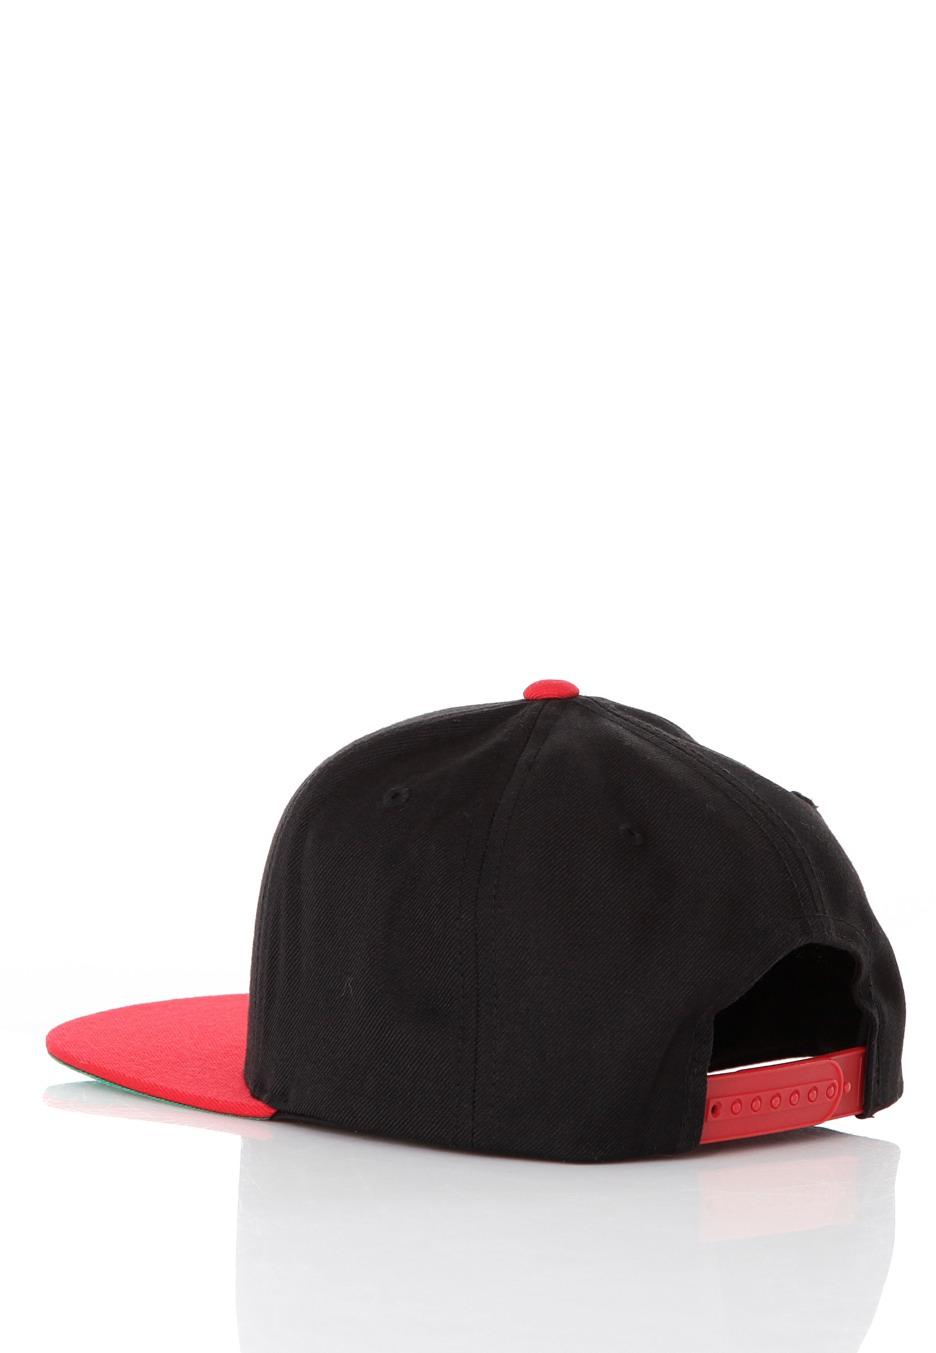 53058fc02ac Obey - Obey Posse Black Red Snapback - Cap - Streetwear Shop ...